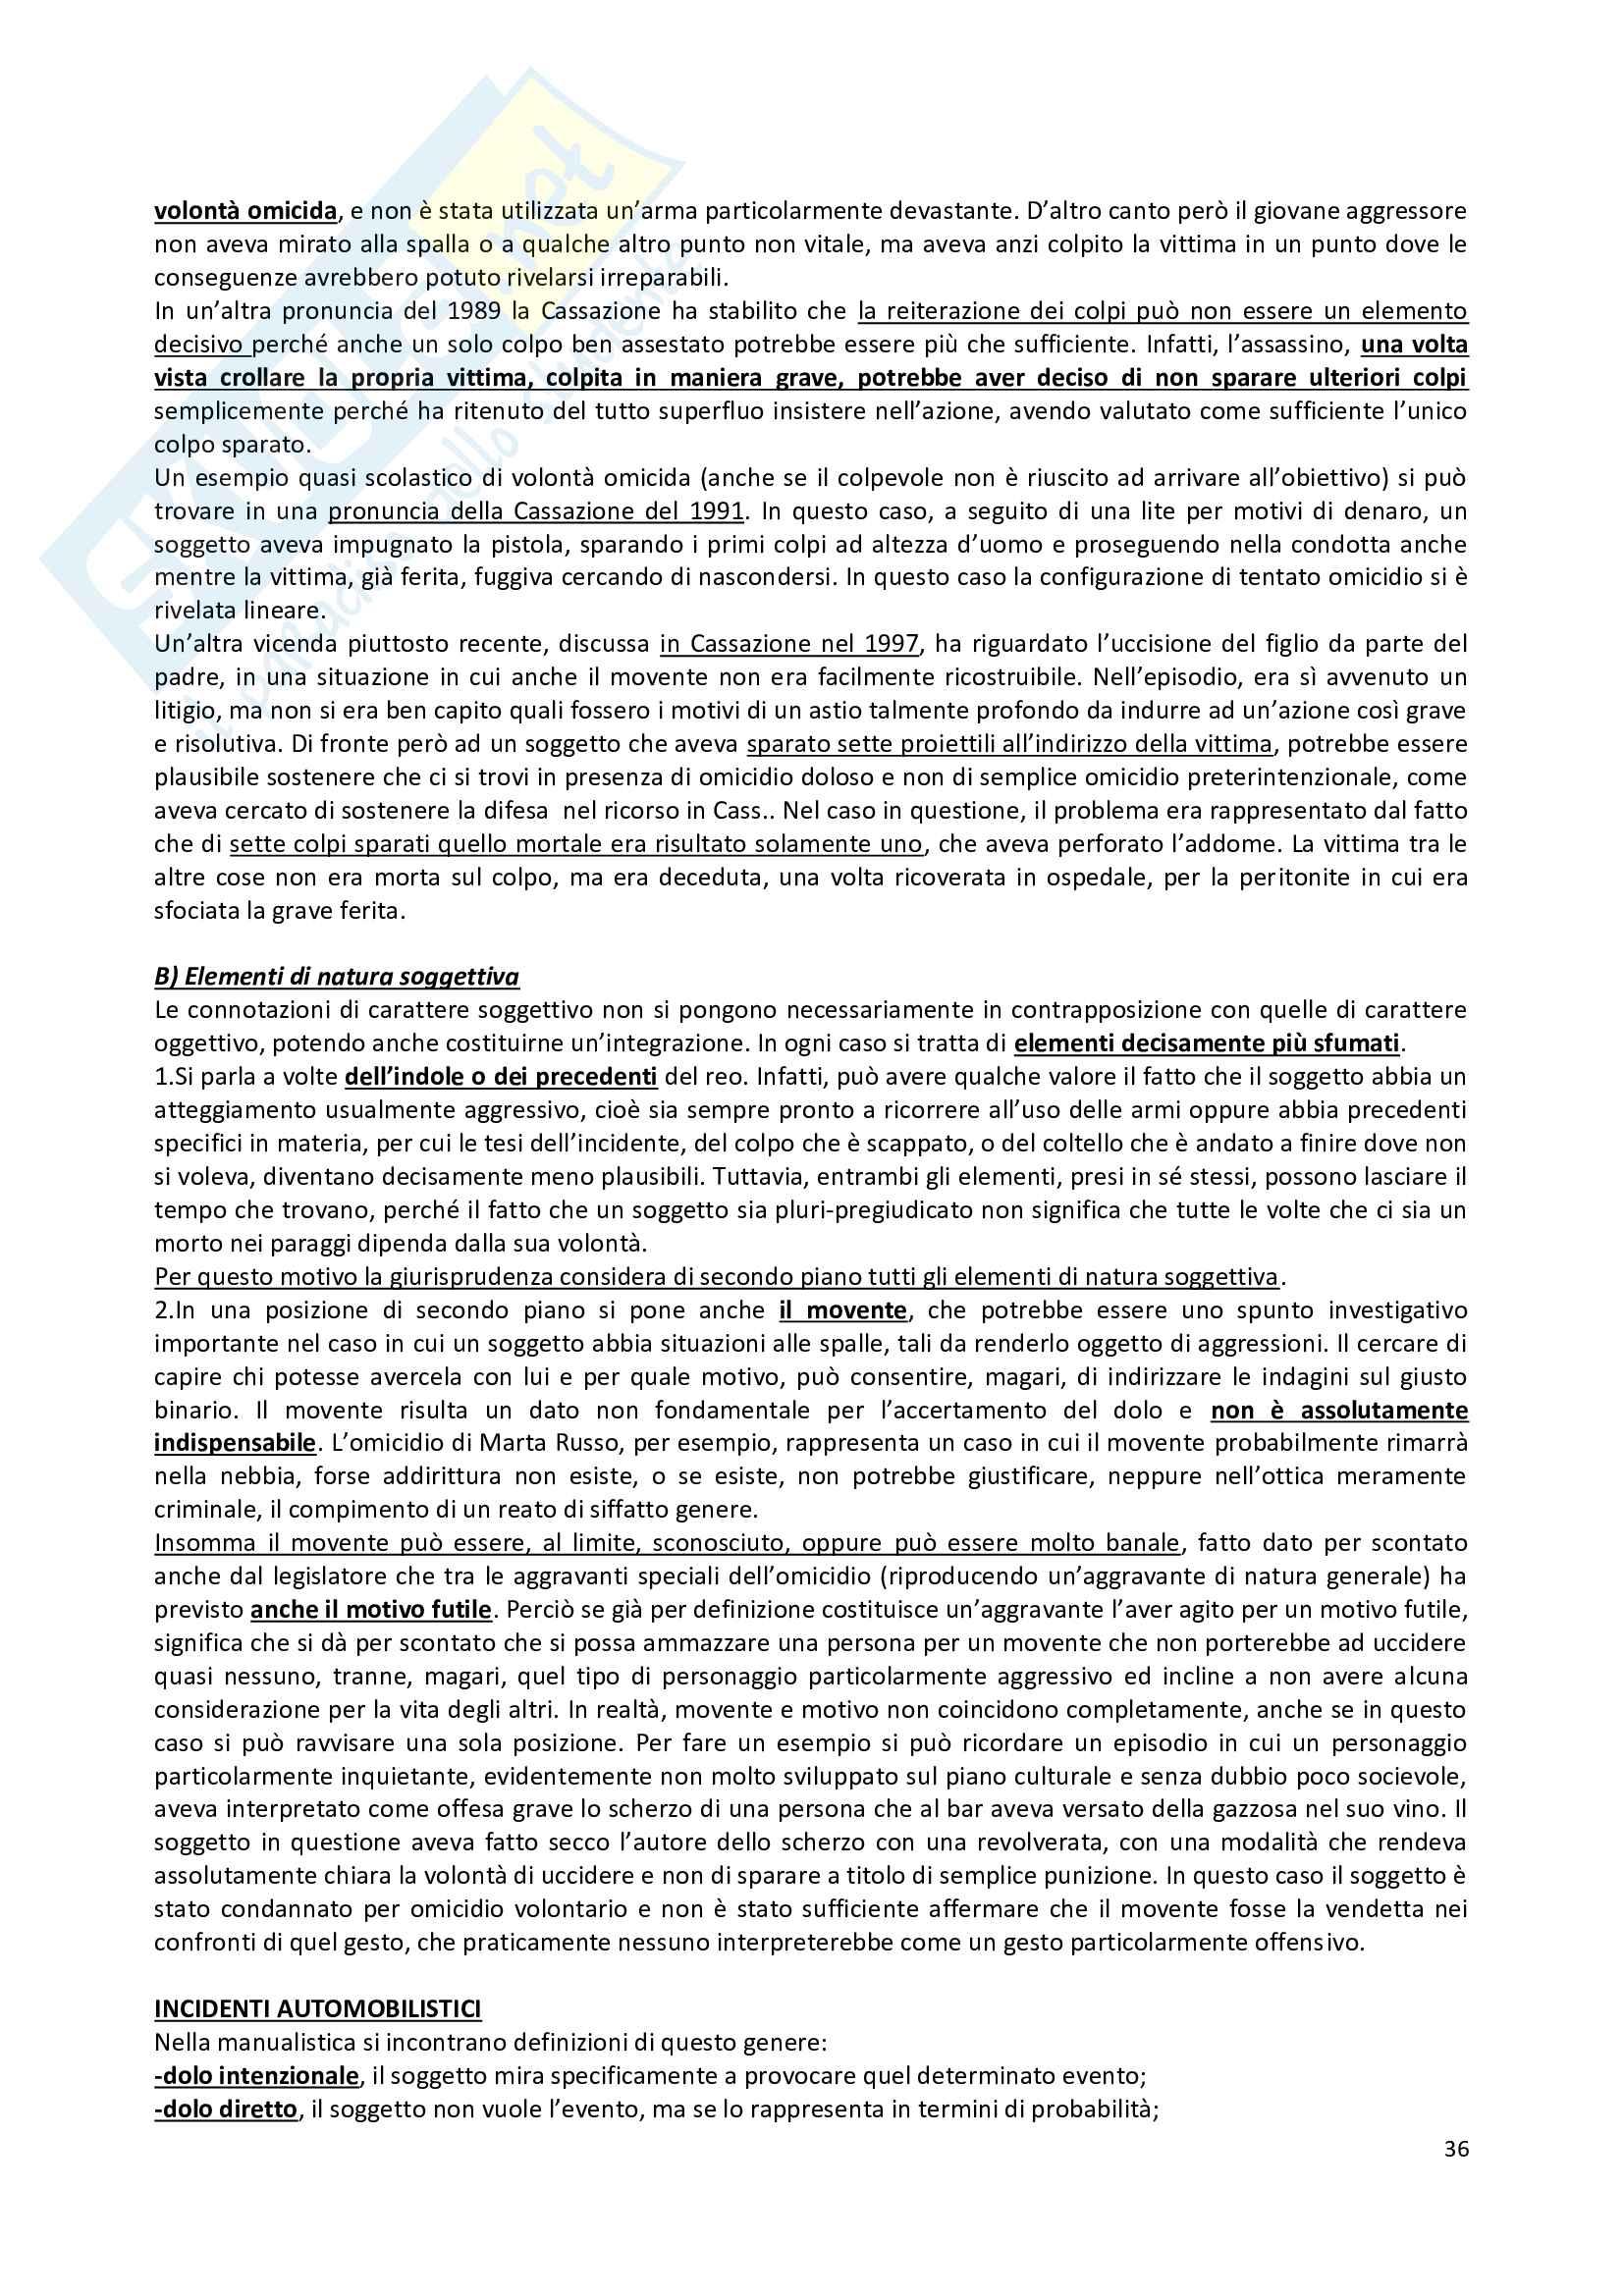 Diritto penale - nozioni Pag. 36